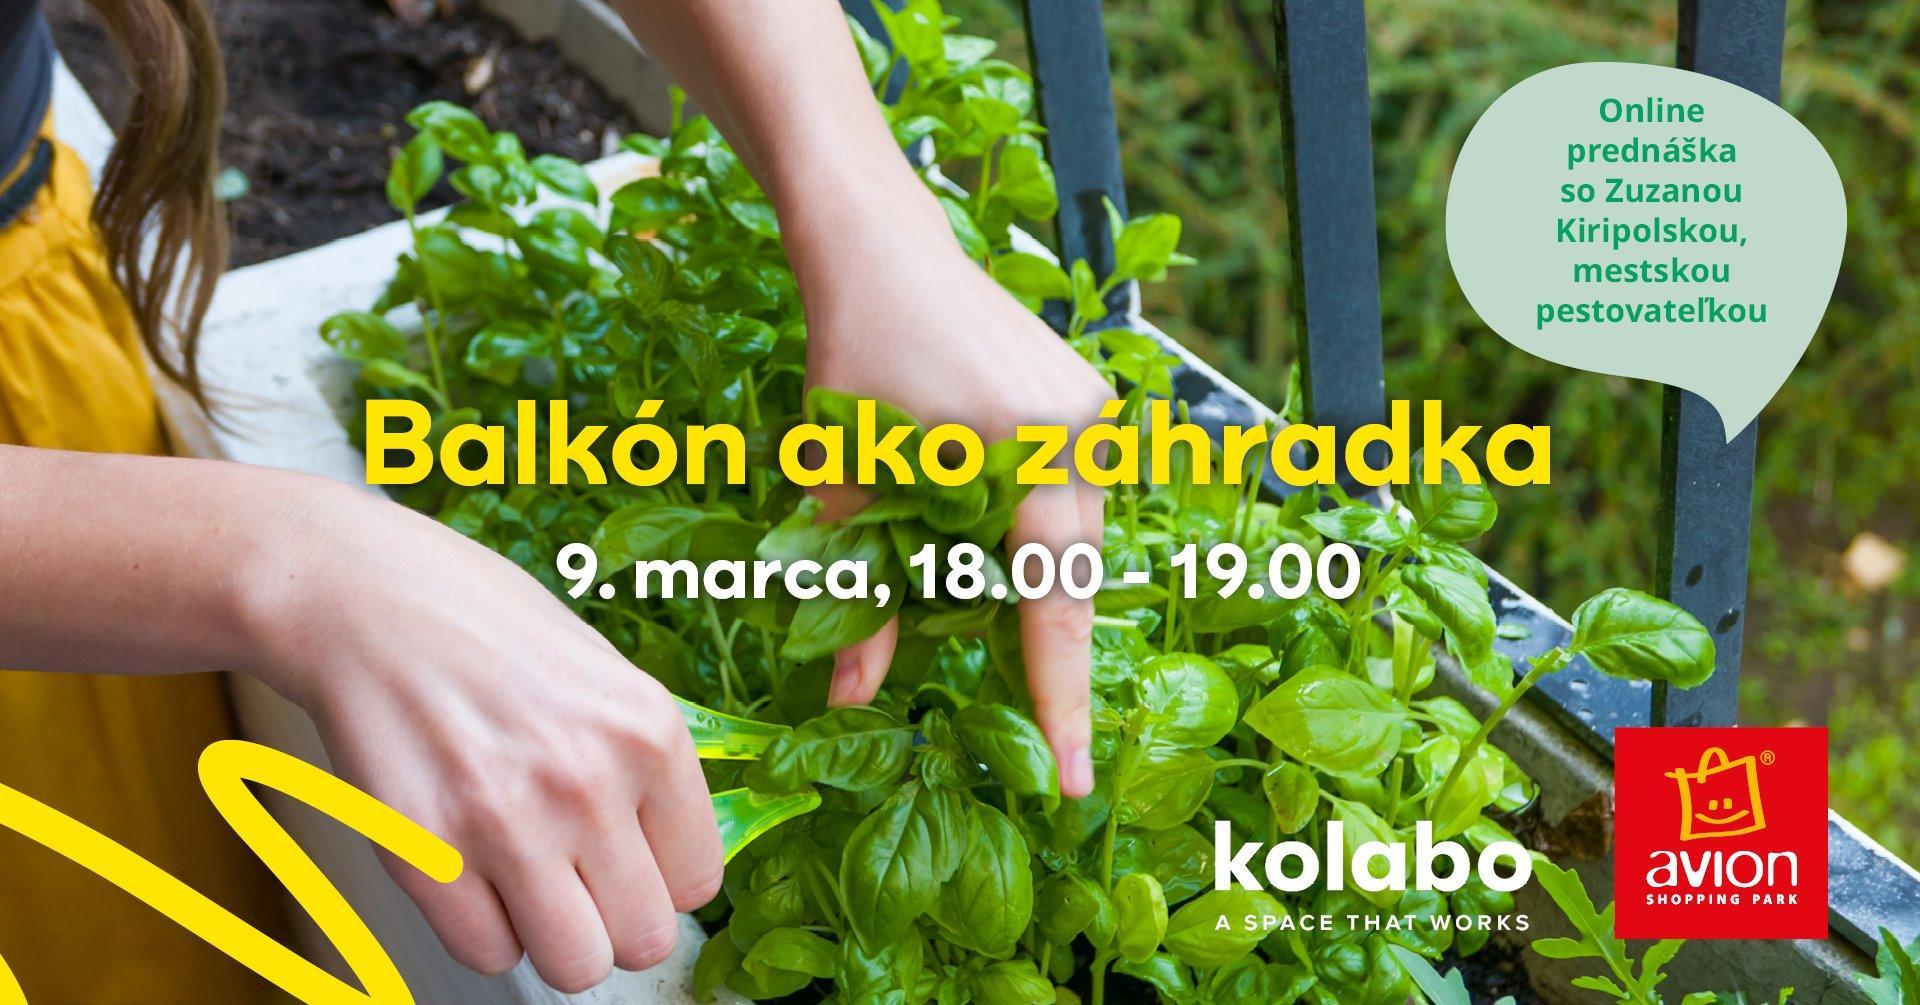 Balkón ako záhradka: Zúčastnite sa online prednášky! :) Už 9.3.2021 o 18:00 sa naživo dozviete viac o pestovaní v meste – na balkóne aj v komunitných záhradách. Zistíte, čo potrebujeme aby sme si mohli vypestovať aj v mestských podmienkach čerstvú a chrumkavú zeleninu, ovocie či bylinky. ;-)  Aké nádoby použiť, ako ich správne na pestovanie uspôsobiť, ako rastlinky polievať či presádzať, ako dosahovať, čo najlepšie výsledky a to všetko ekologicky a udržateľne. Prihlásiť sa (registrácia je zdarma) môžete tu: https://goout.net/sk/balkon-ako-zahradka/szyekfr/ :) - Obrázok č. 1